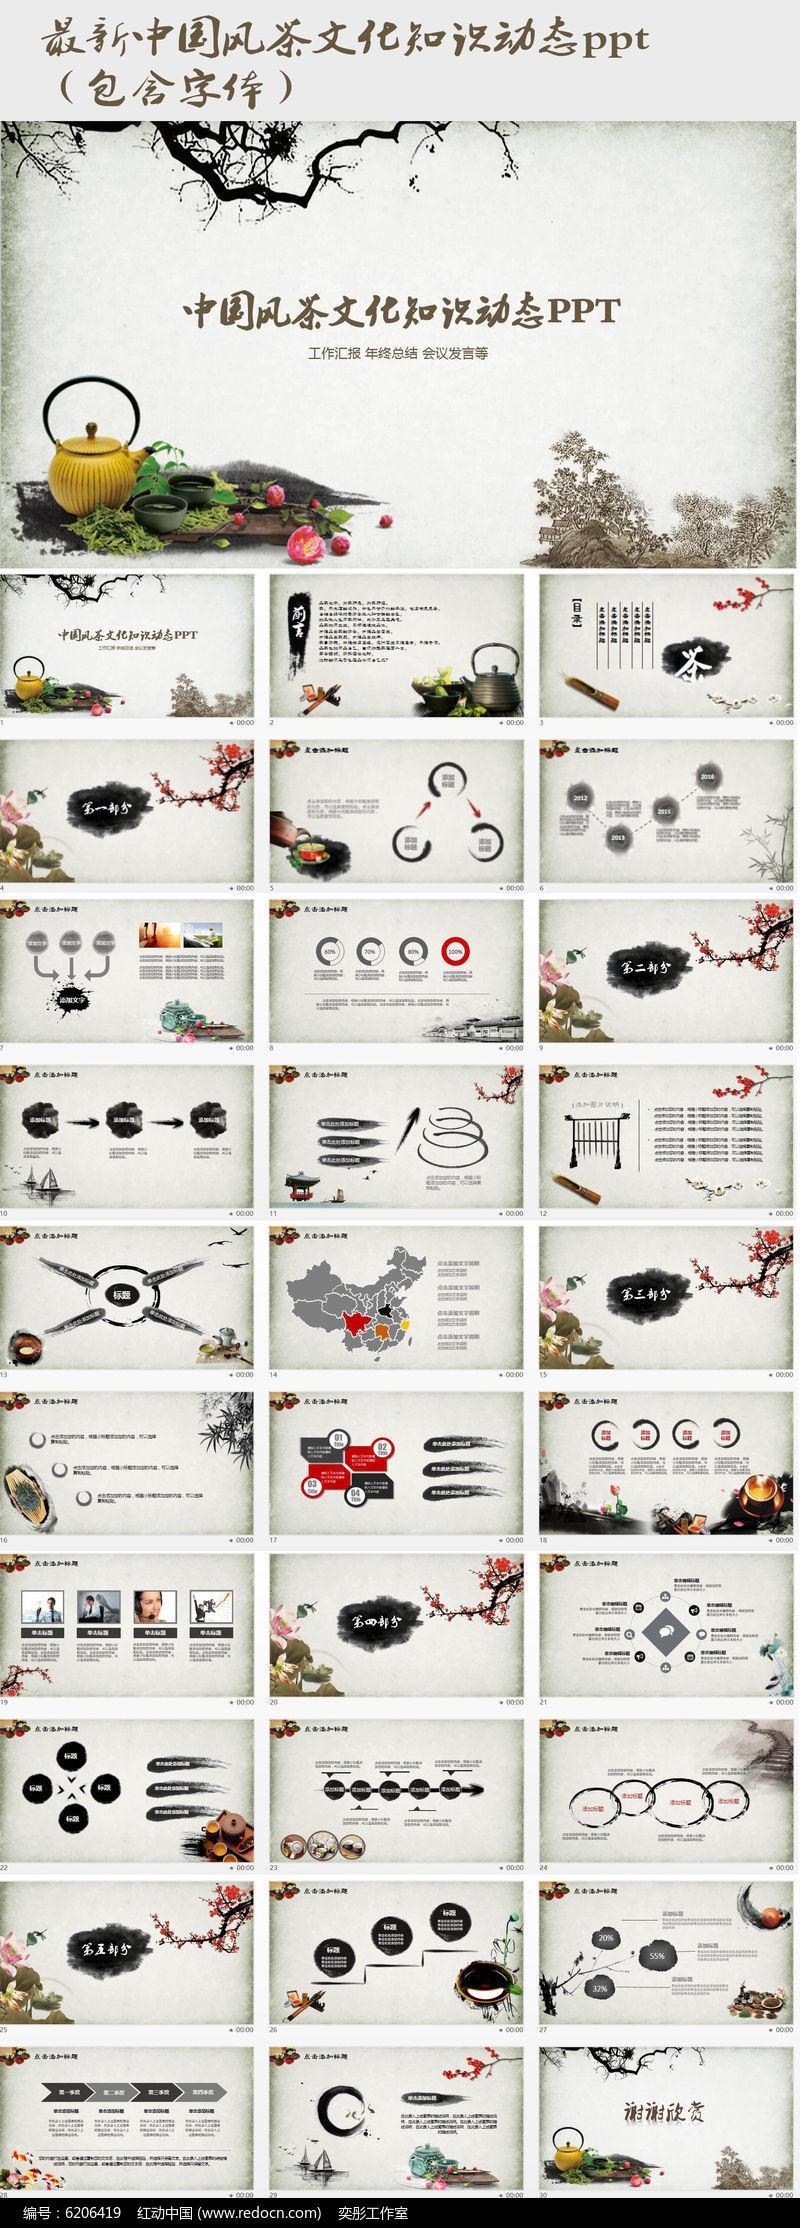 中国茶文化知识ppt 传统图片